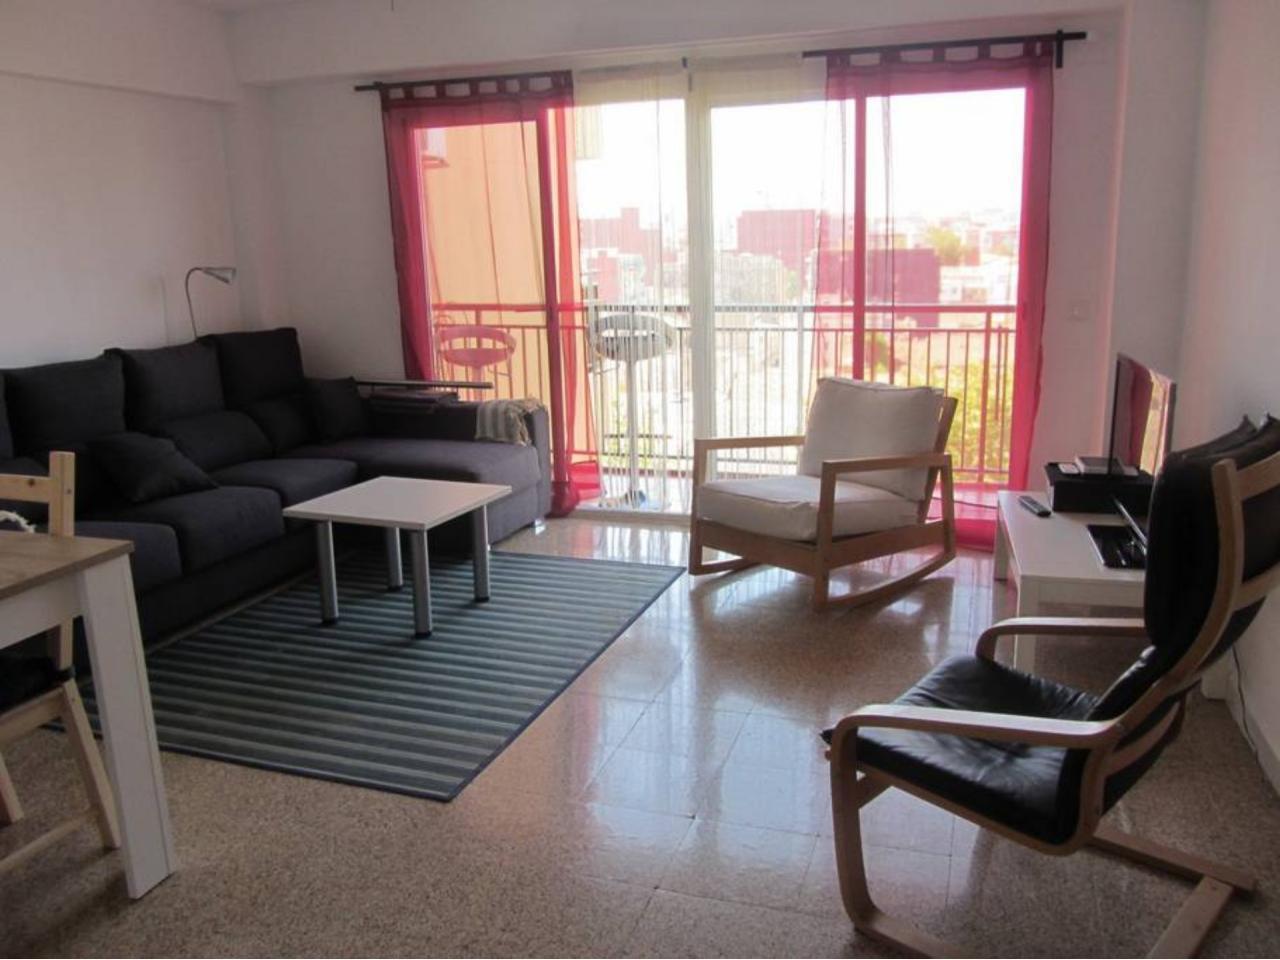 Apartment for rent in El Cabanyal-El Canyamelar – Ref. 000970